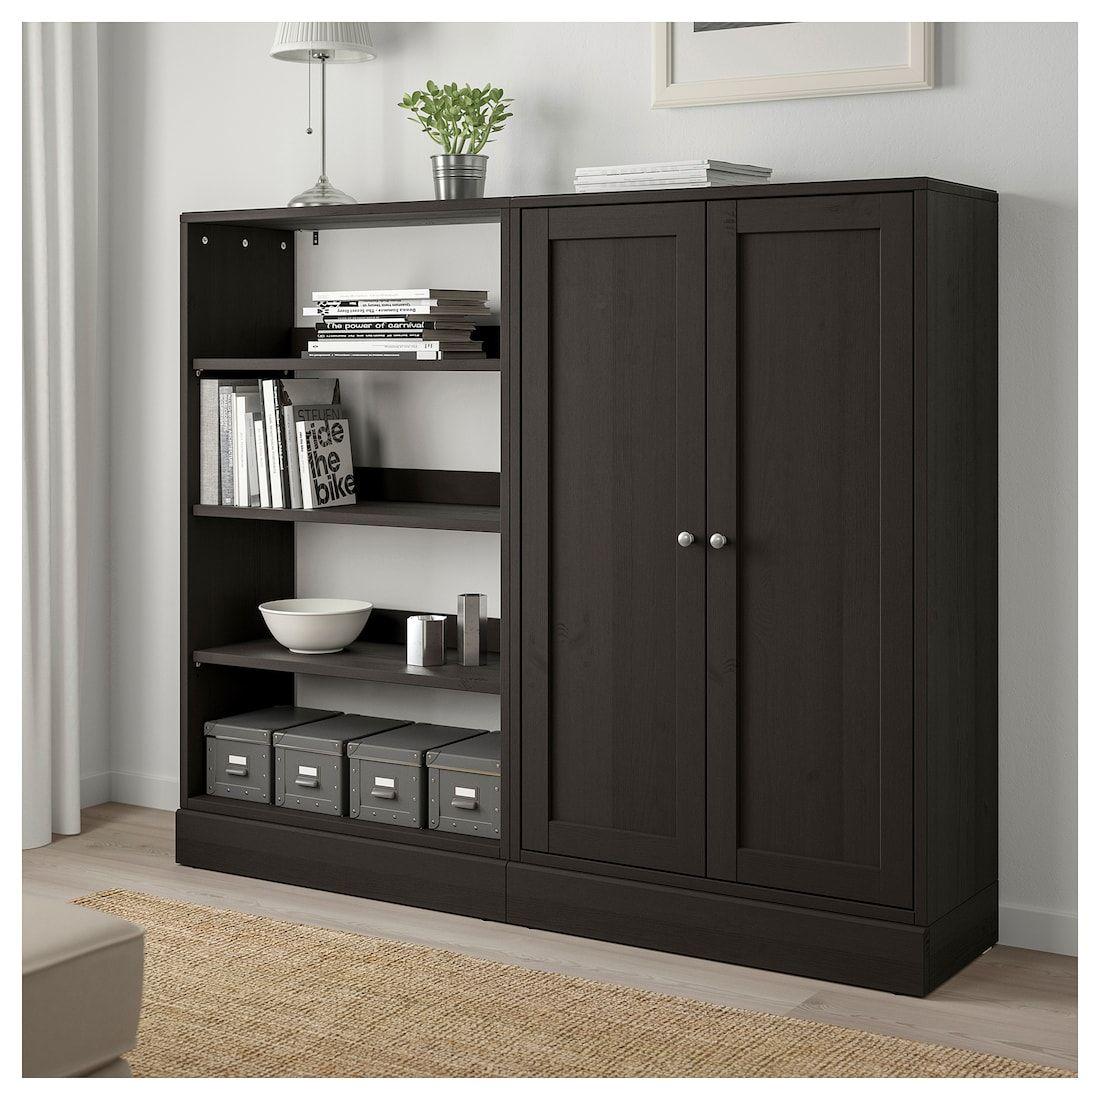 HAVSTA Storage combination dark brown 63 3/4x14 5/8x52 3